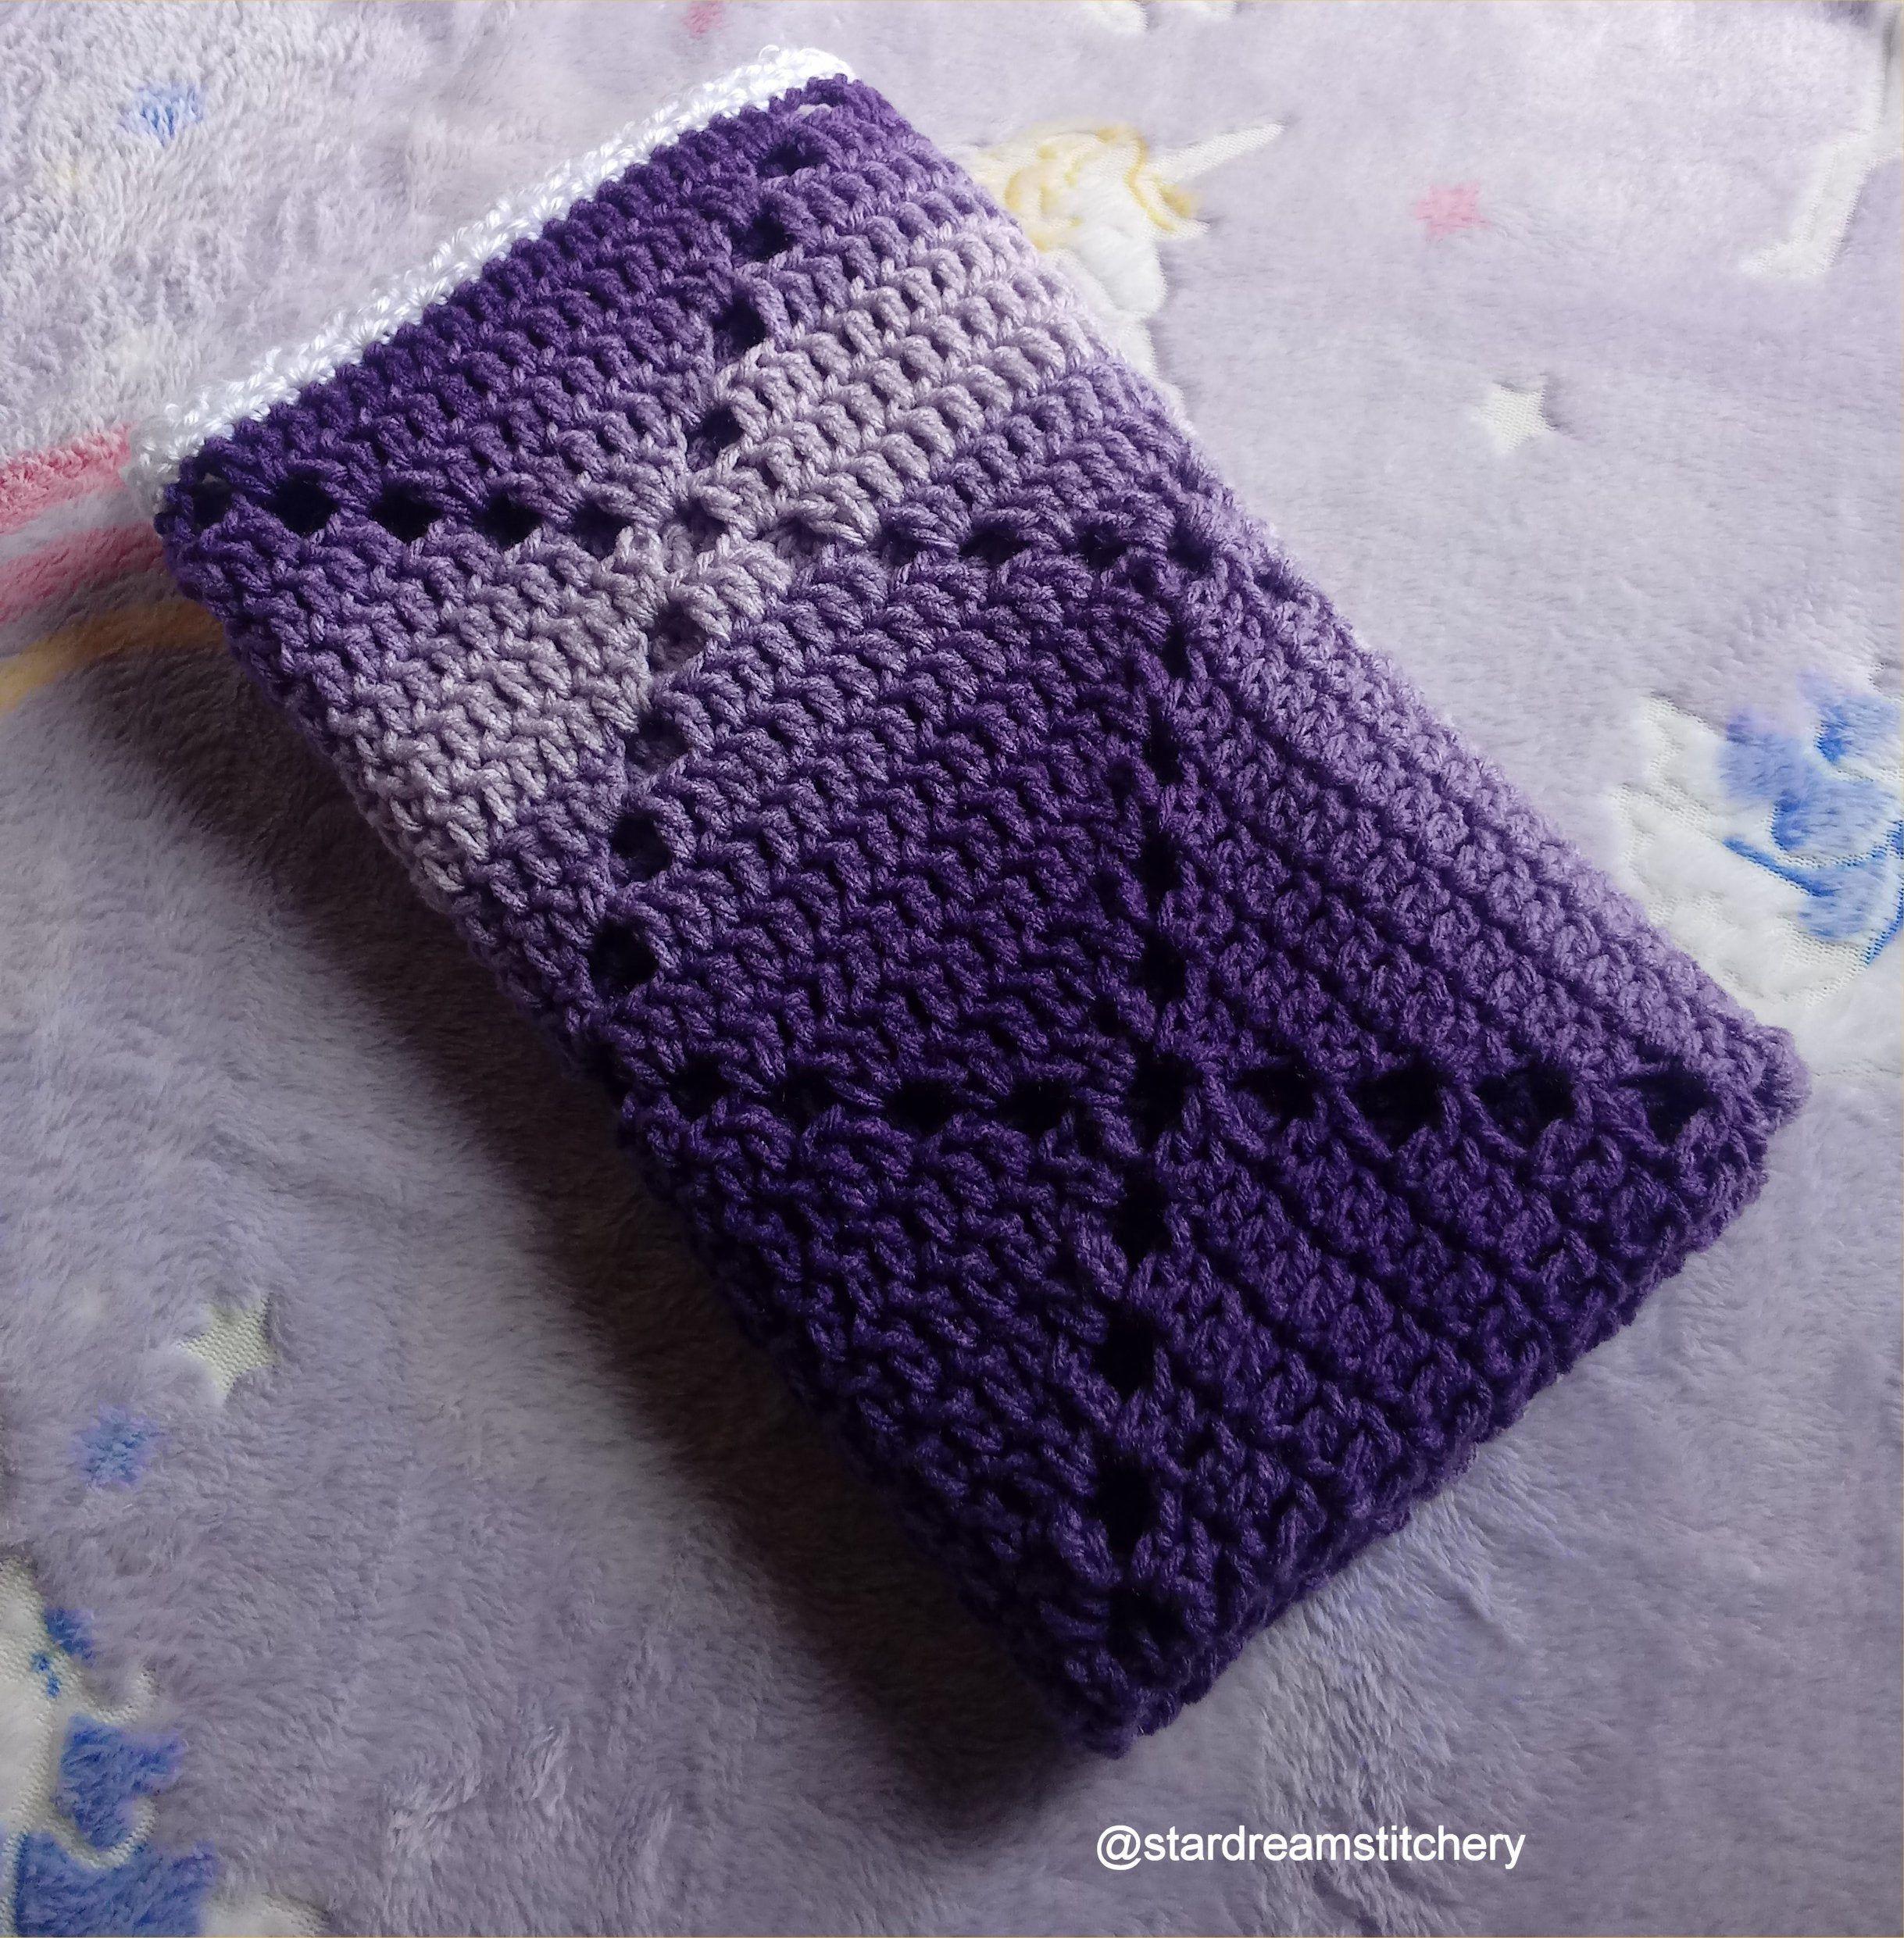 Hand crochet baby blanket Violet